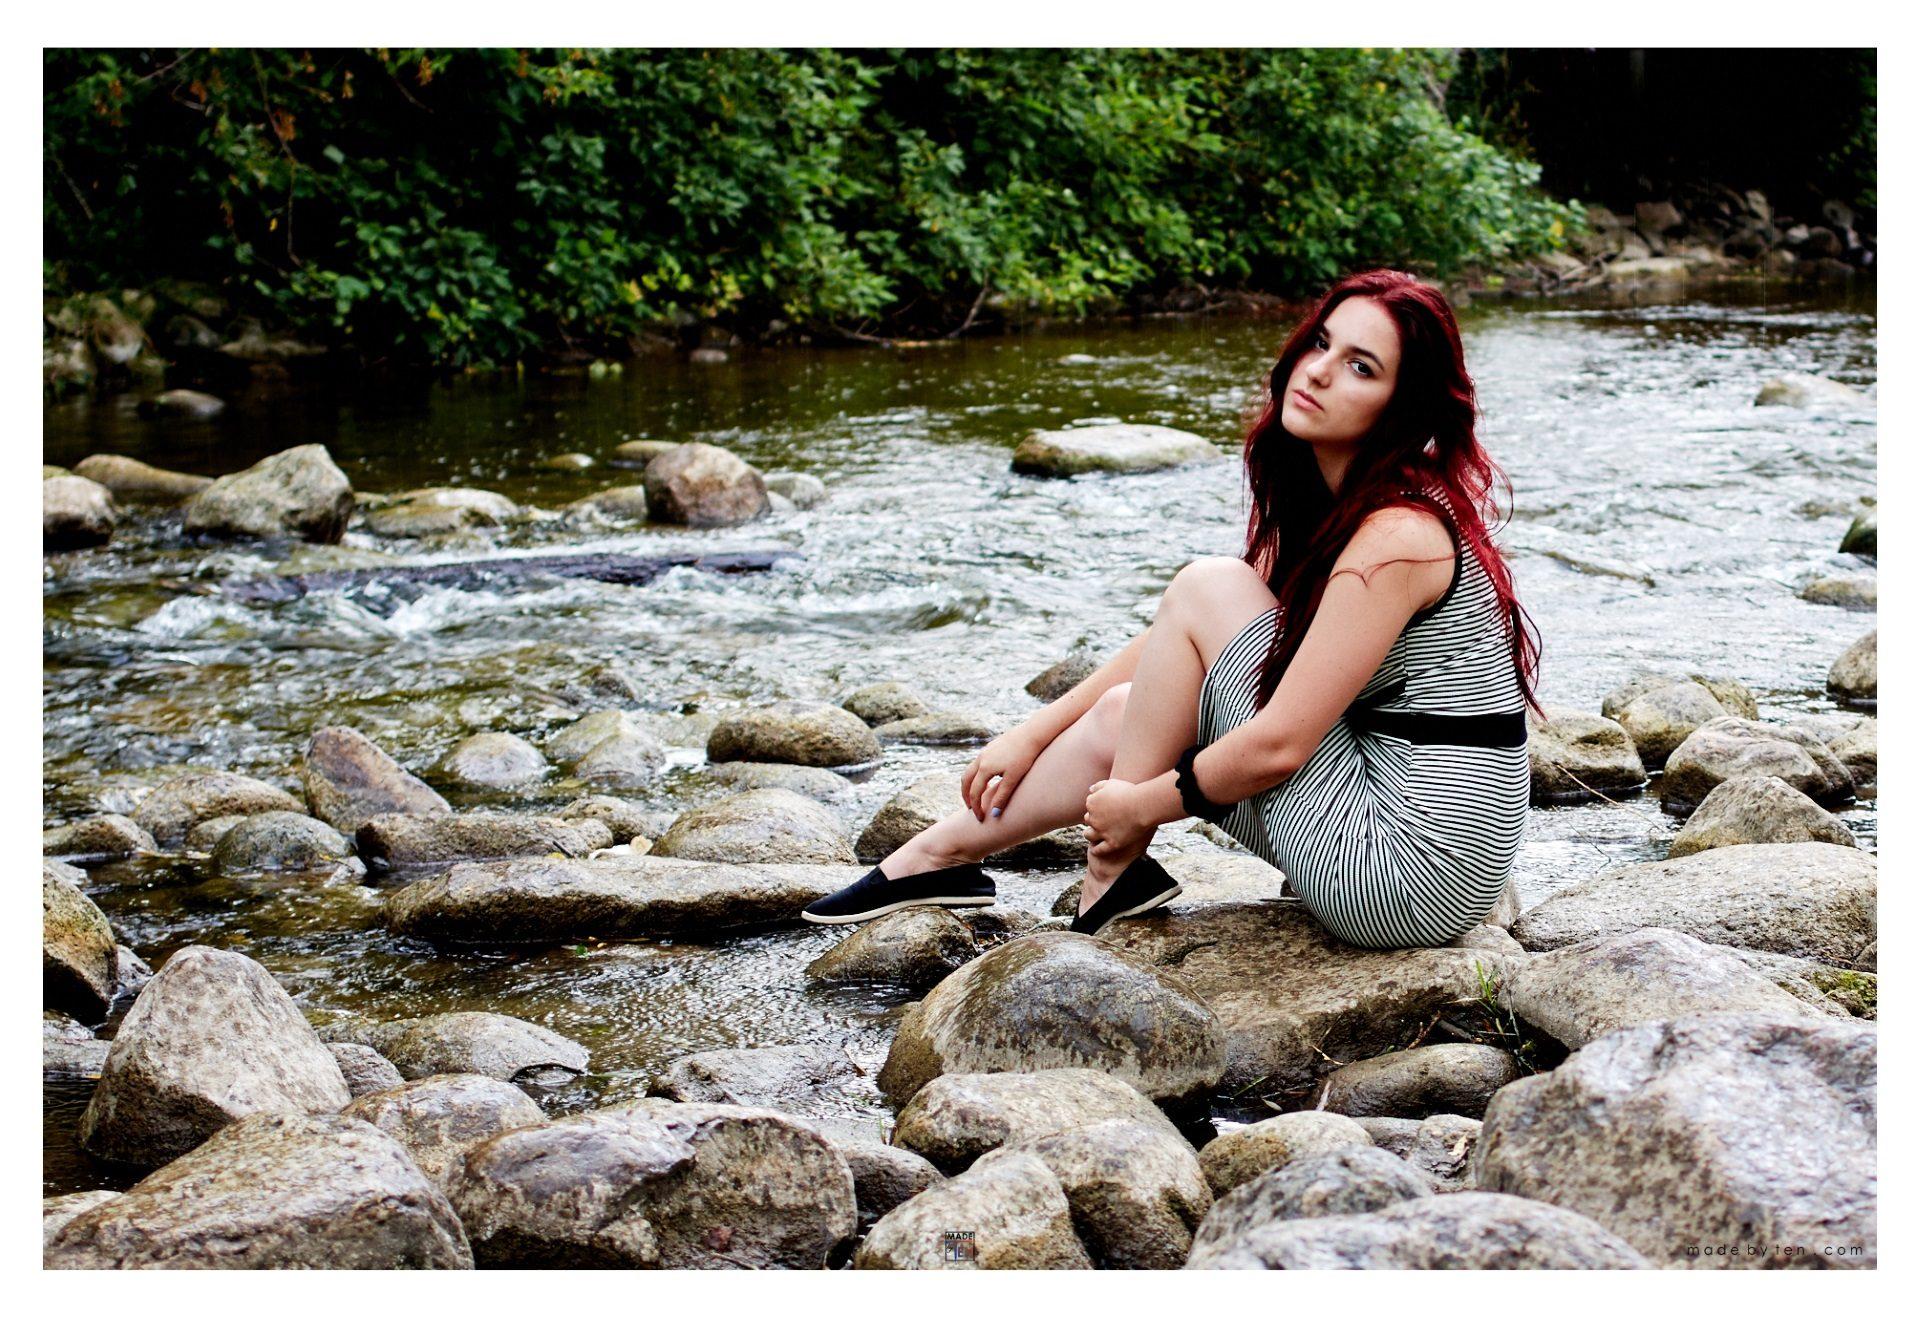 Woman Creek - GTA Women Lifestyle Photography